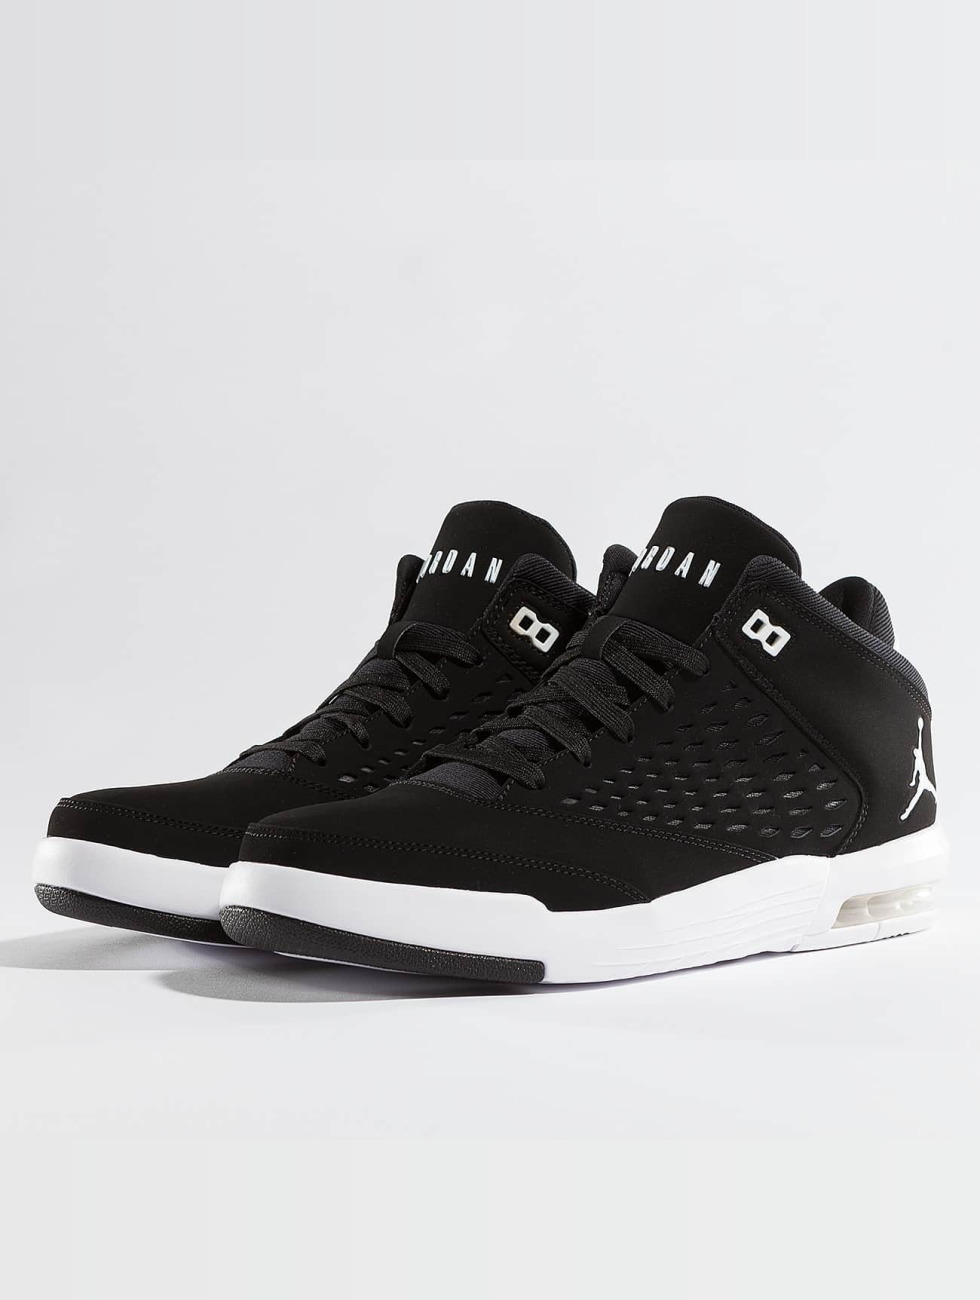 Jordan schoen / sneaker Flight Origin 4 in zwart 334353 Klaring Grootste Leverancier Speling Op Zoek Naar Geen Verzendkosten Op Zoek Naar Goedkope Prijs LpZP4CYLrh